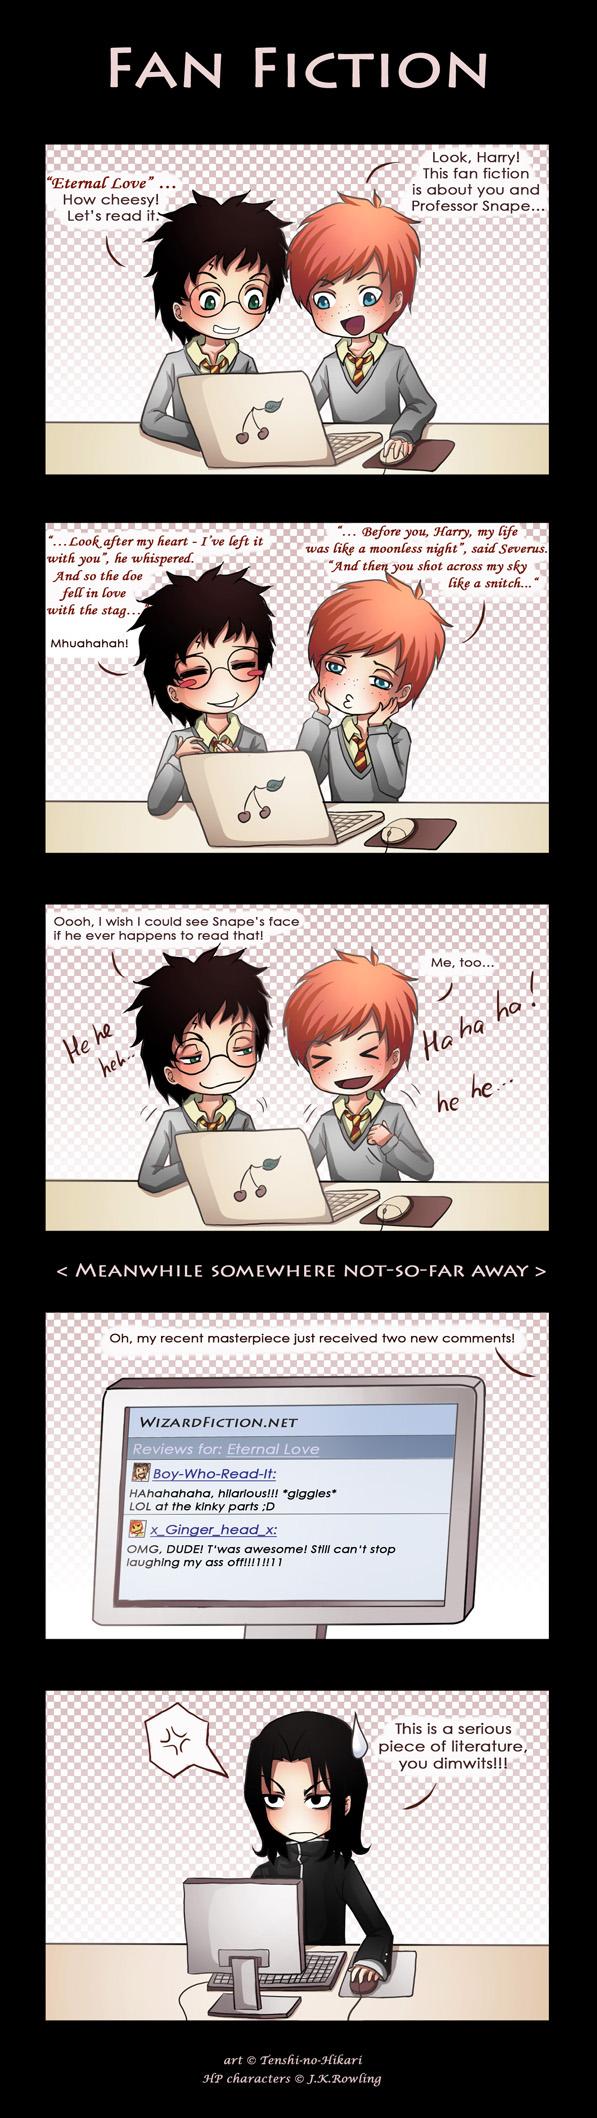 HP - Fan Fiction by Tenshi-no-Hikari